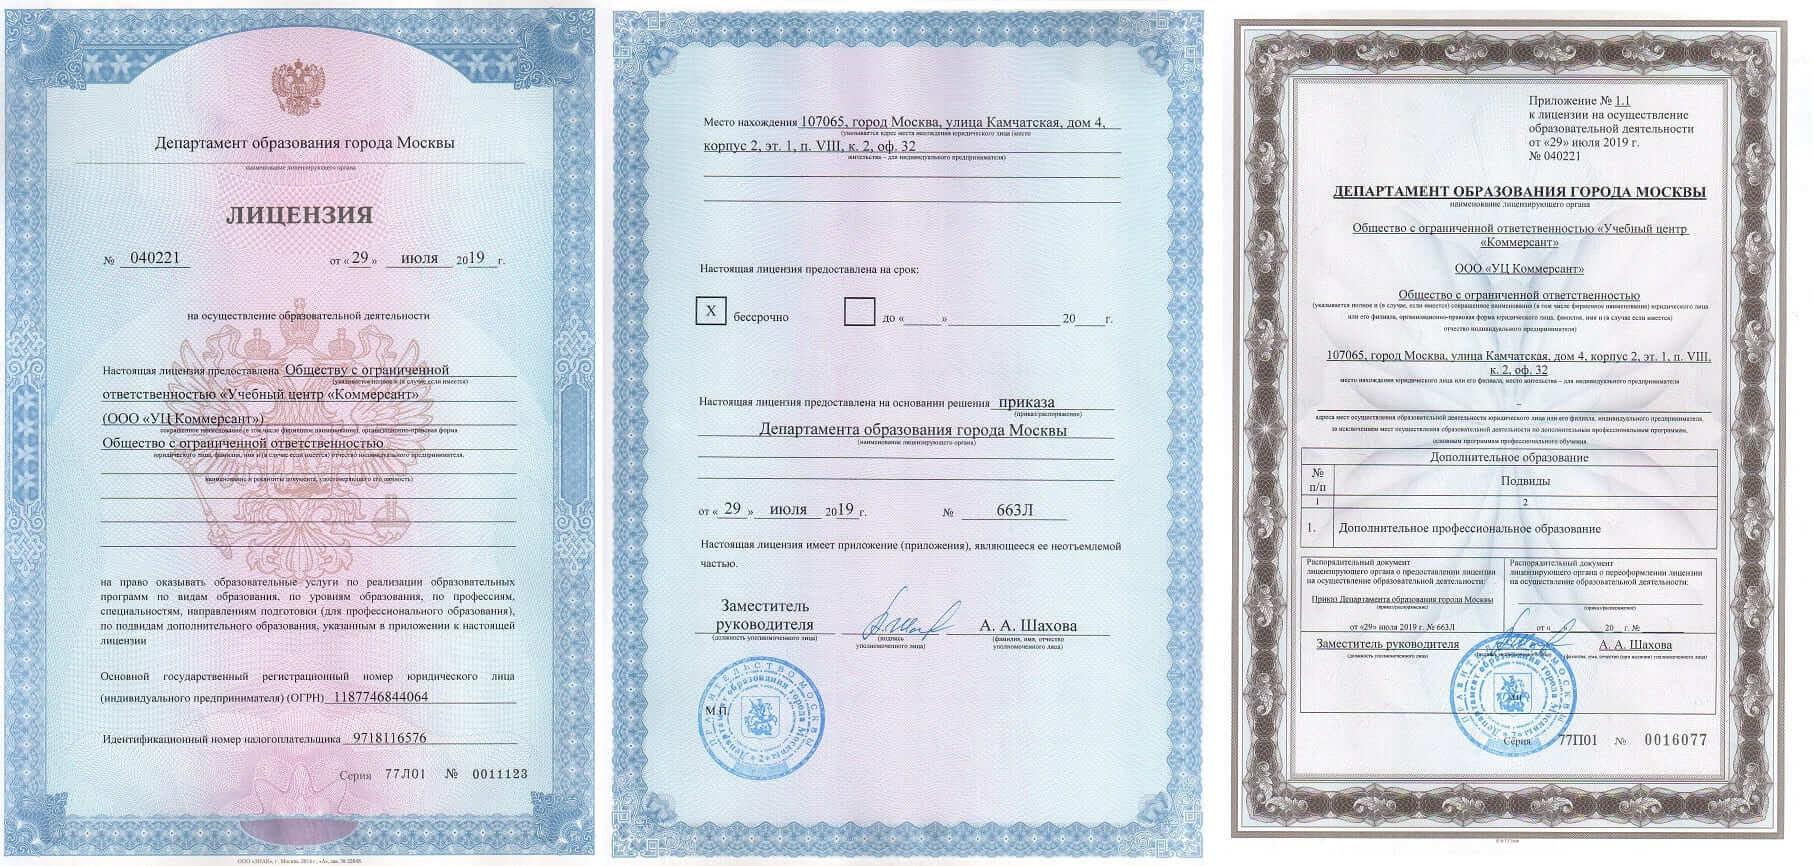 государственная лицензия на образовательную деятельность BigDataSchool, учебный центр по большим данным, школа больших данных Москва, обучение Big Data